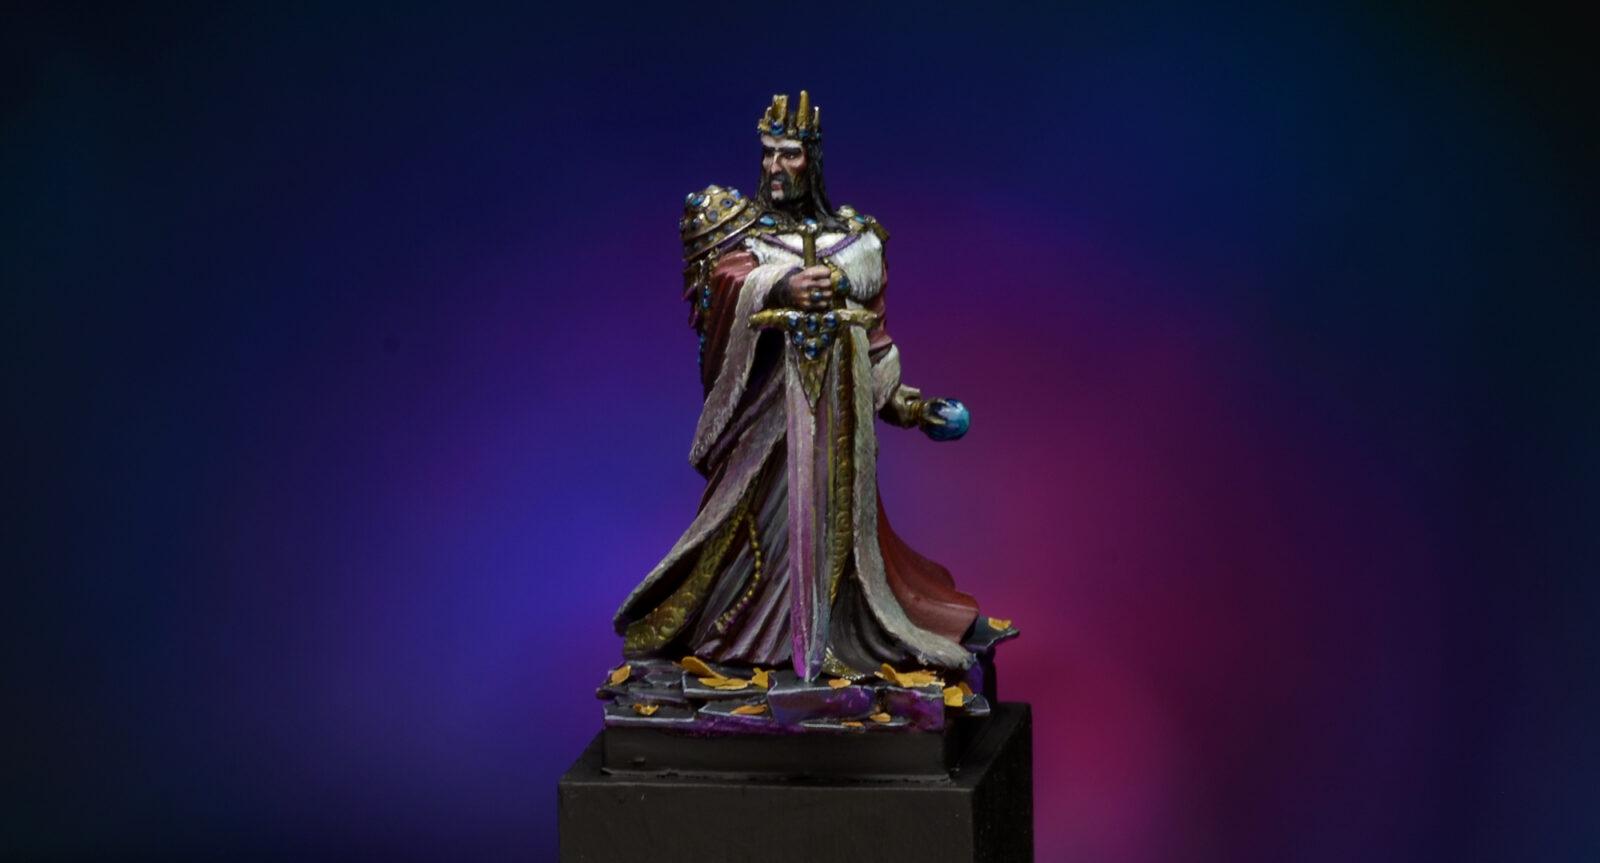 Emperor4